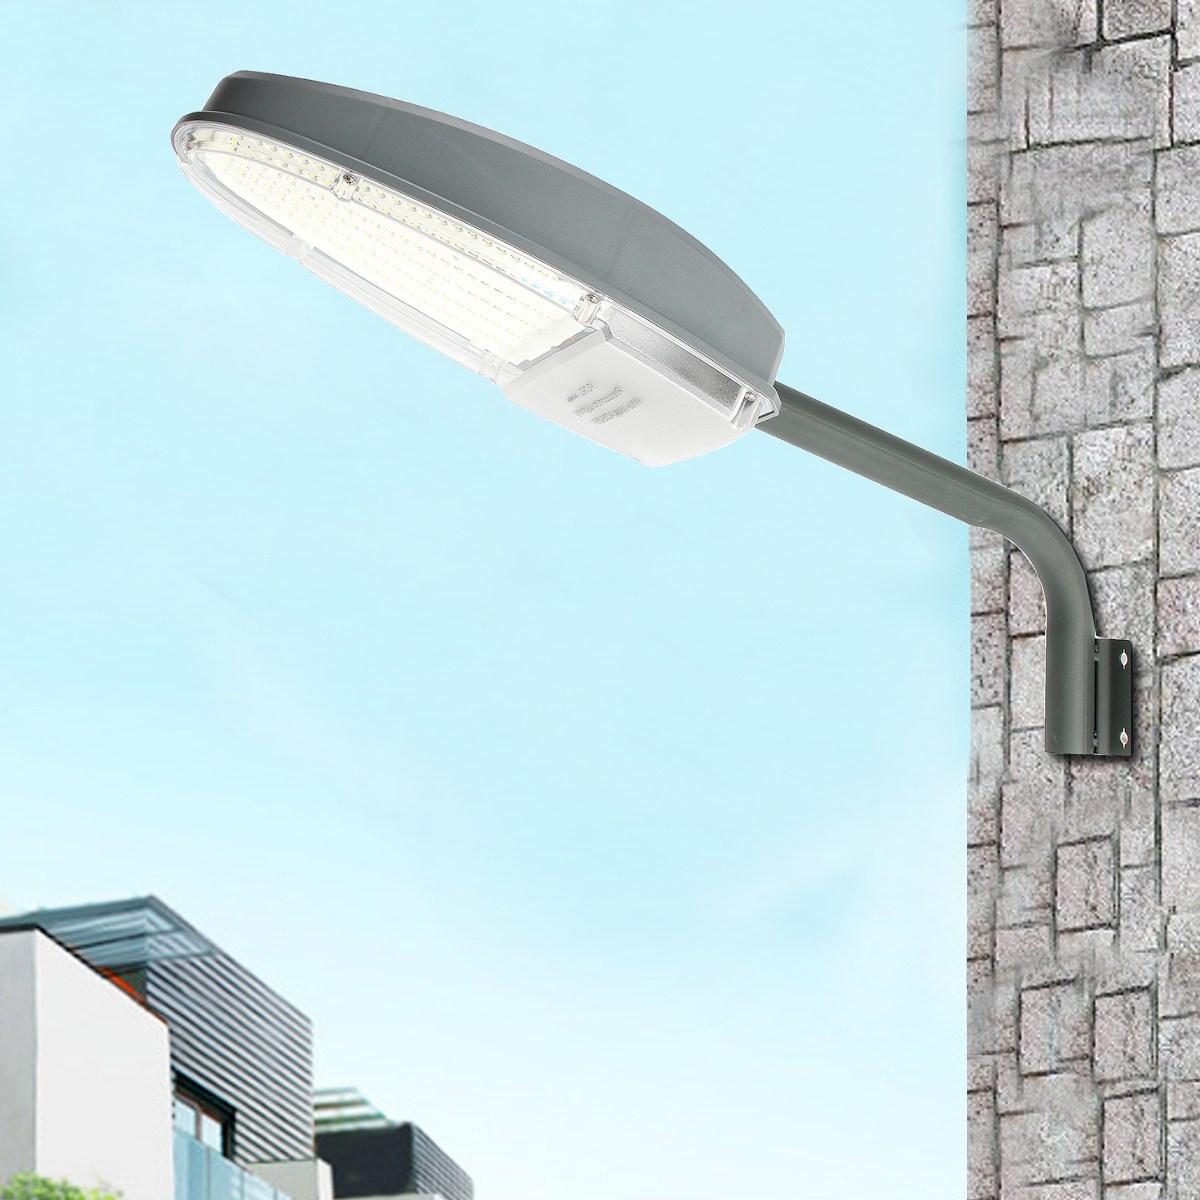 30 W Capteur de Lumière 2400LM 144 LED Rue Lumière Jardin Route Lumière Extérieure Imperméable À L'eau Mur de Sécurité Lampe AC85-265V Avec Montage bras